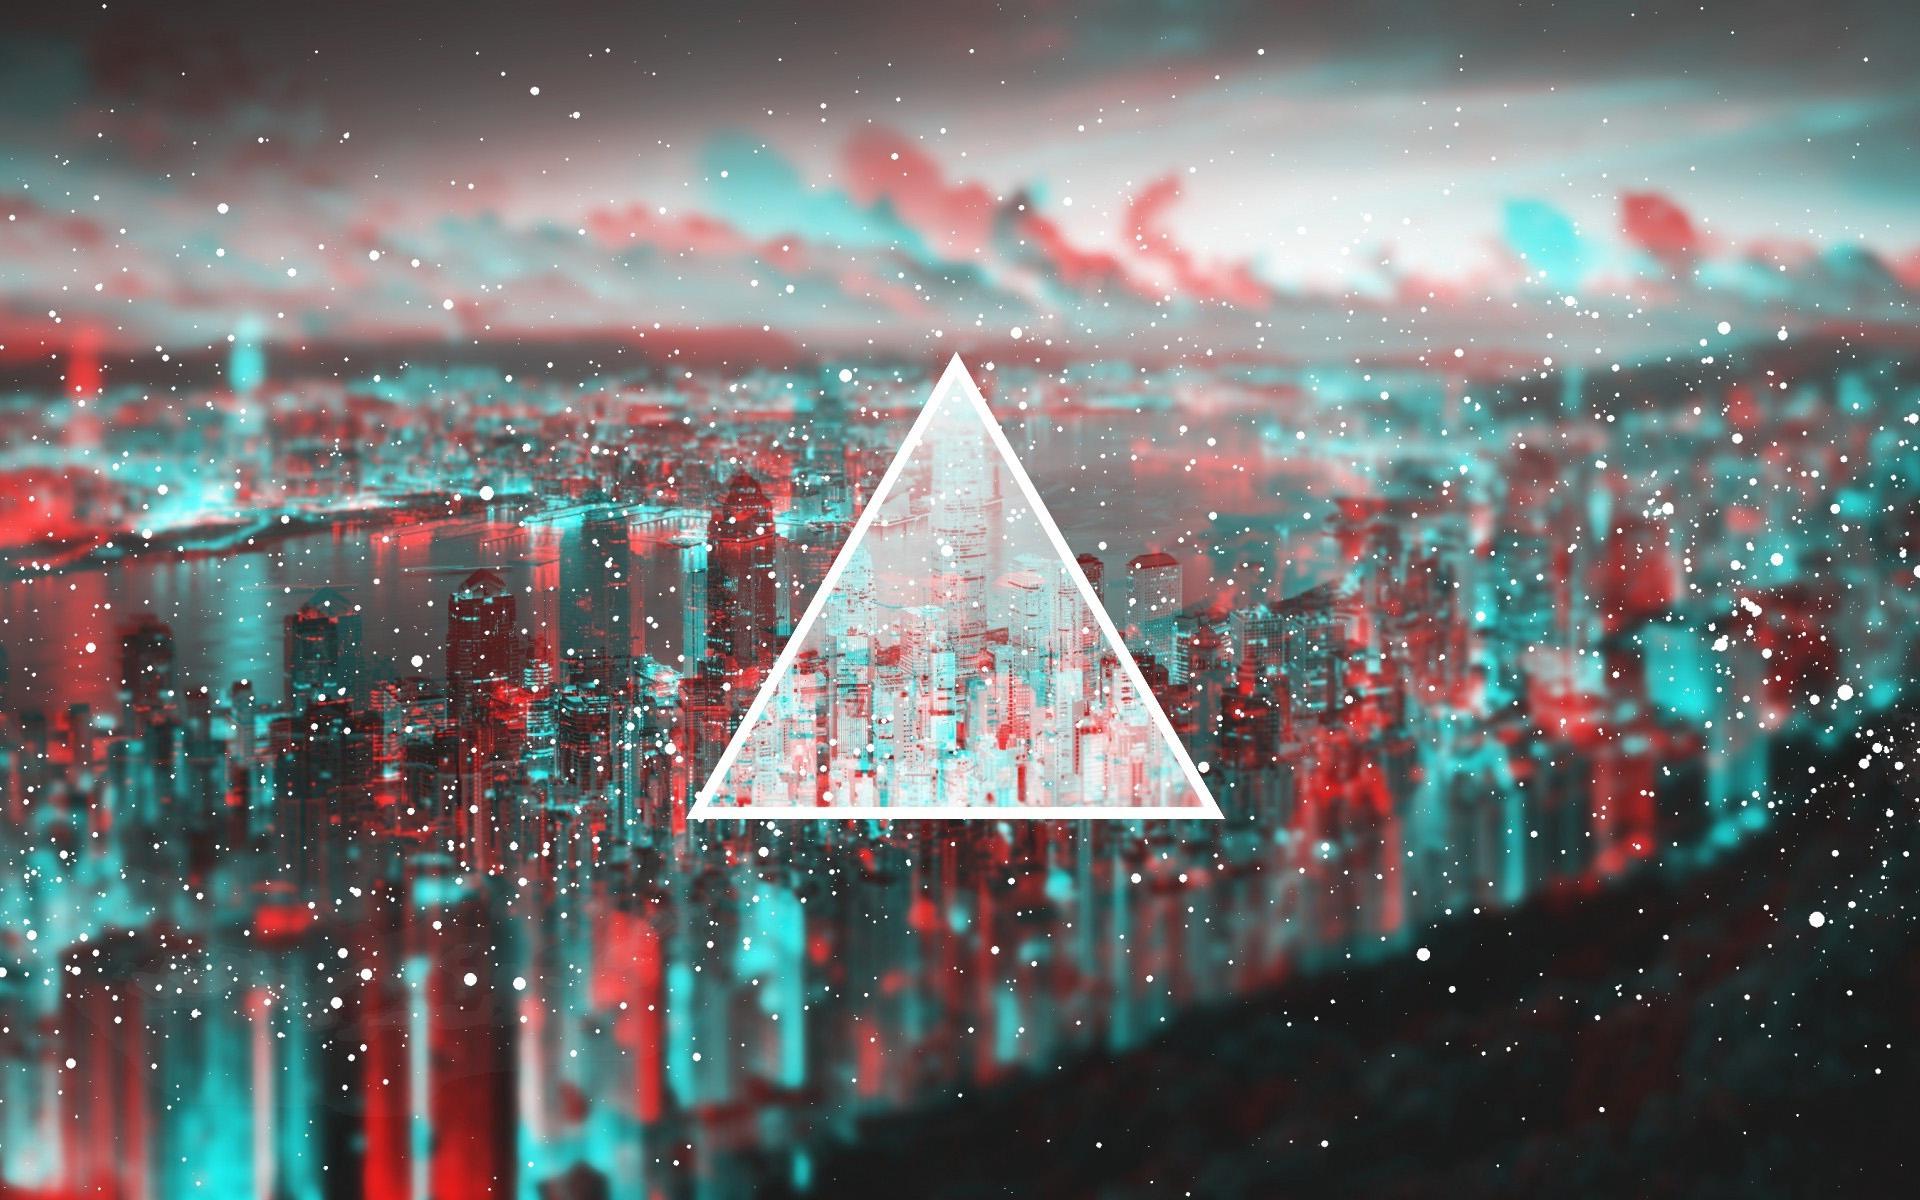 геометрия, абстракция, 3д обои, треугольник, hd